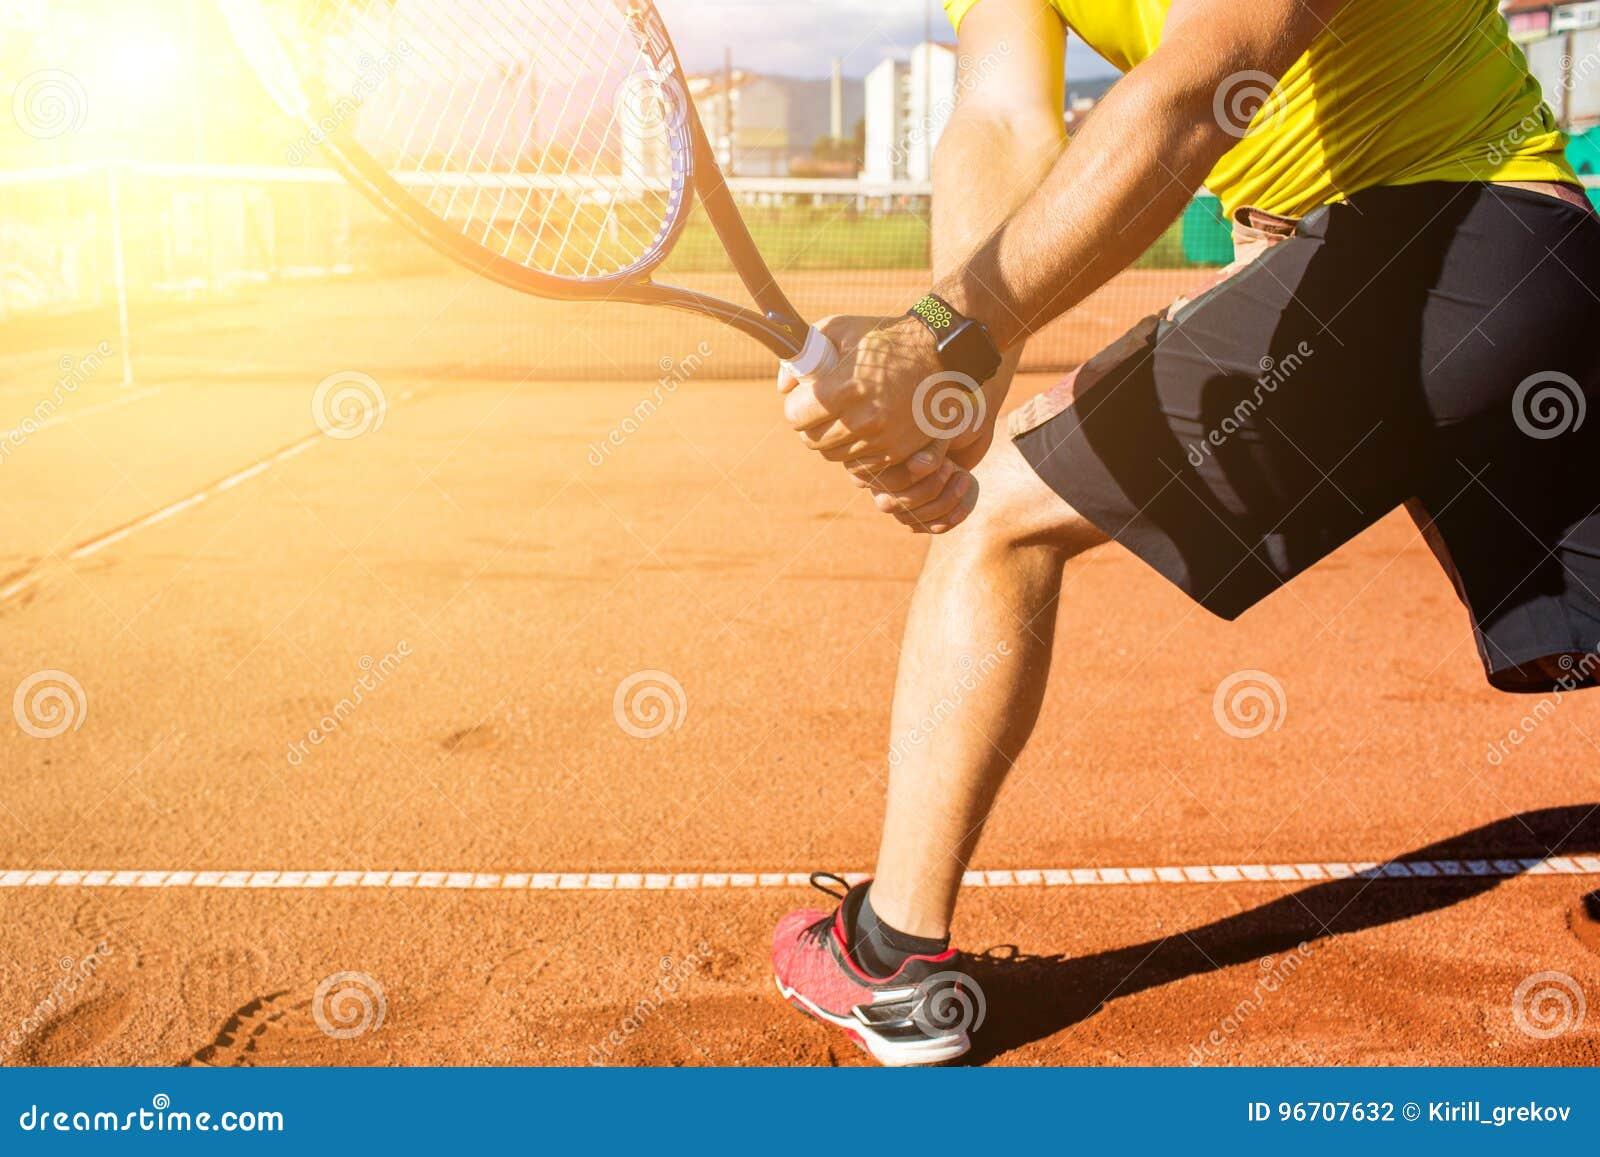 Mão masculina com raquete de tênis